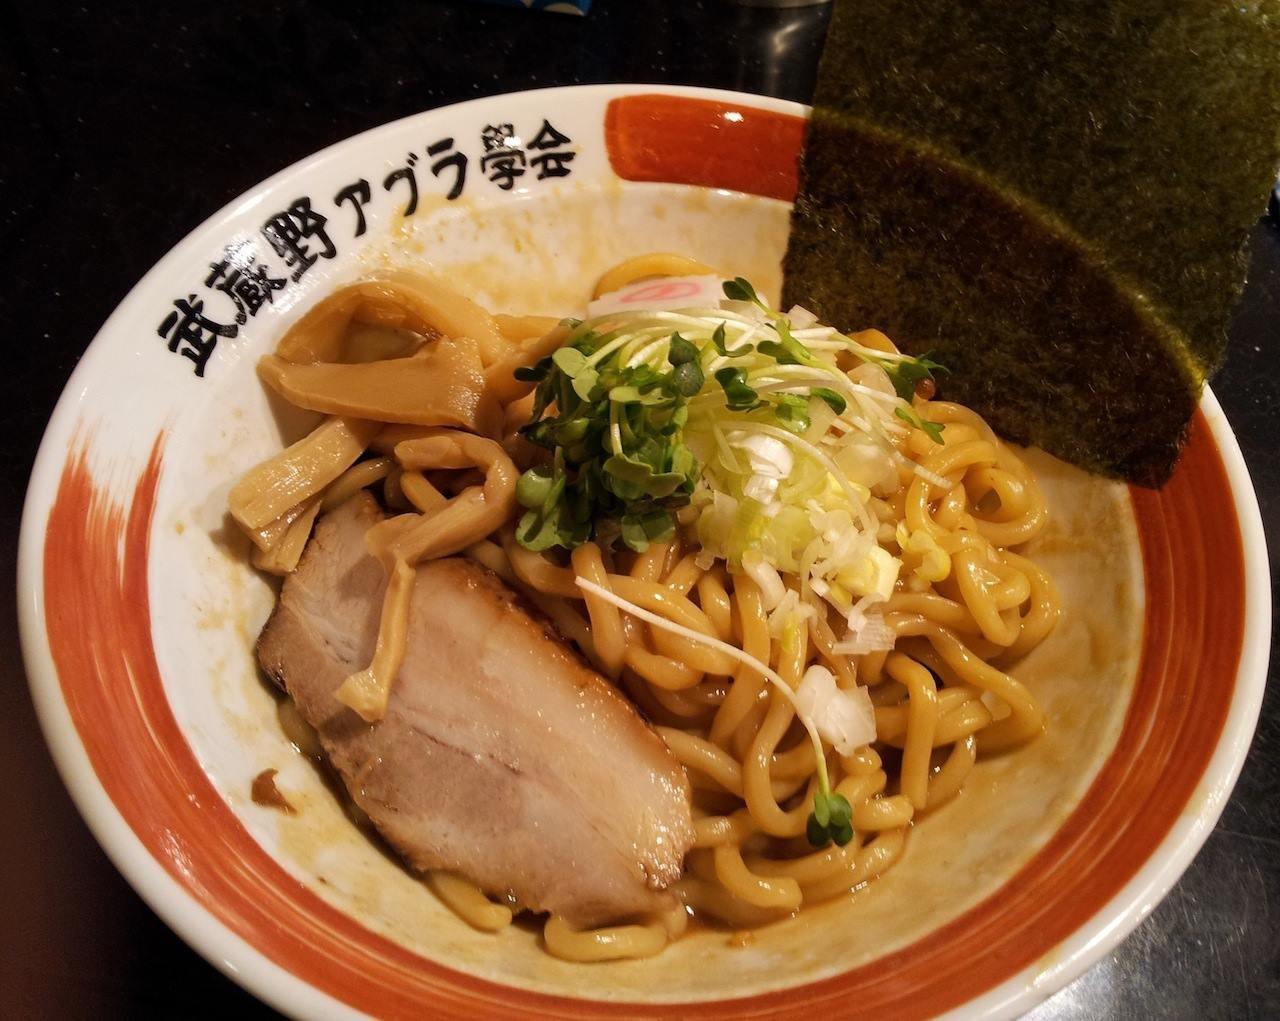 代々木めじろ閉店後、ほぼ居抜きで『武蔵野アブラ學会』という油そばの店がオープンすてますたよ。ノーリピートだな。めじろ、カムバック、めじろ~ 【2013年9月9日】